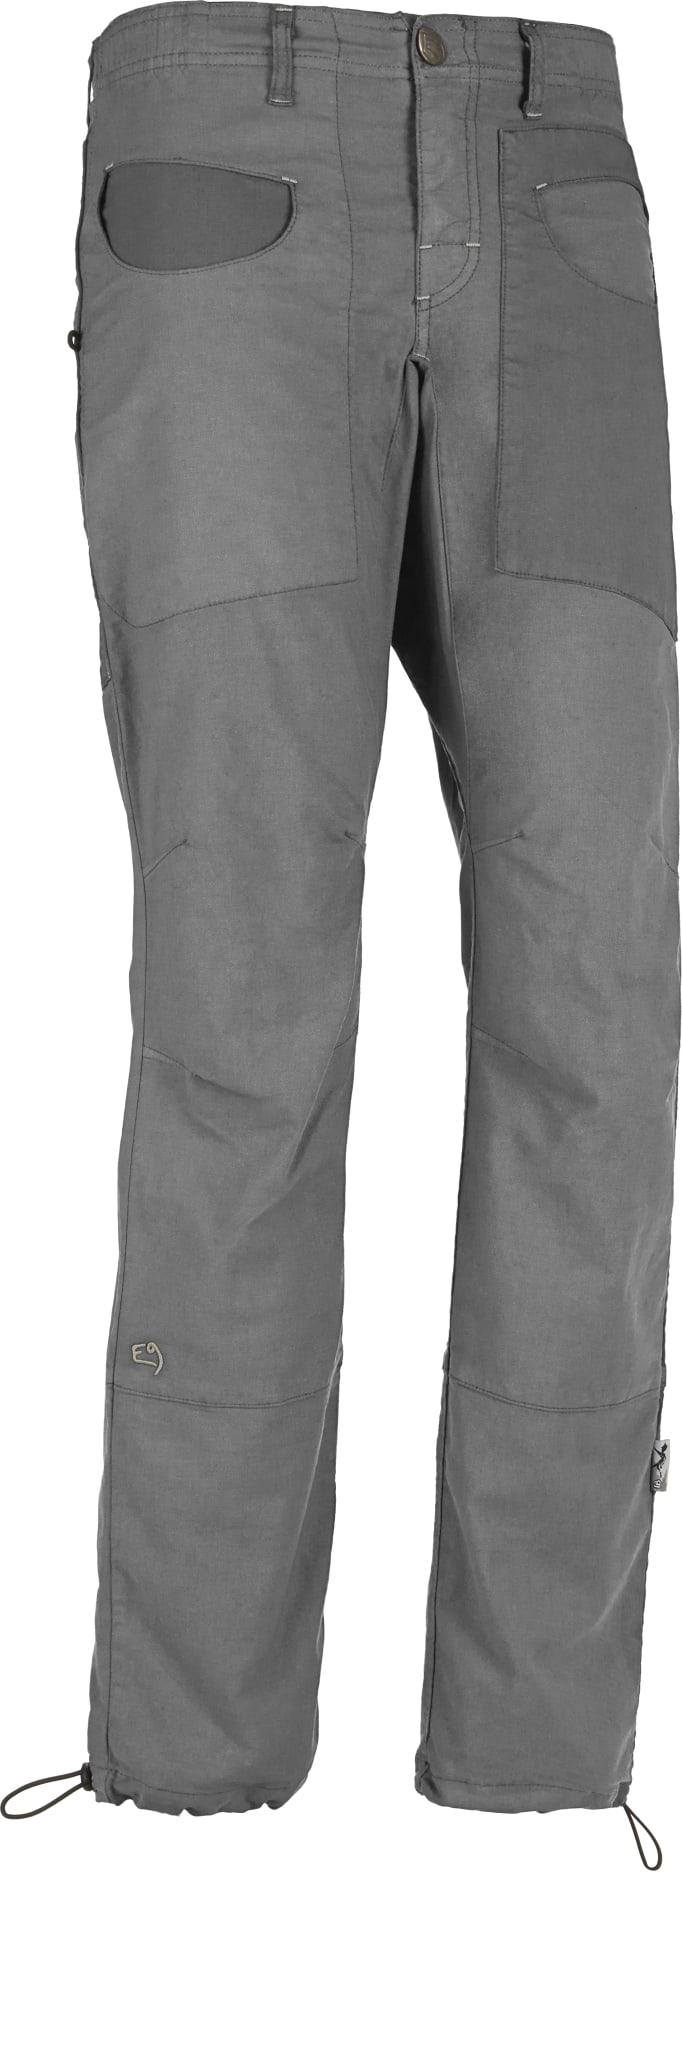 Klassiske klatrebukser fra E9 med kroppsnær passform